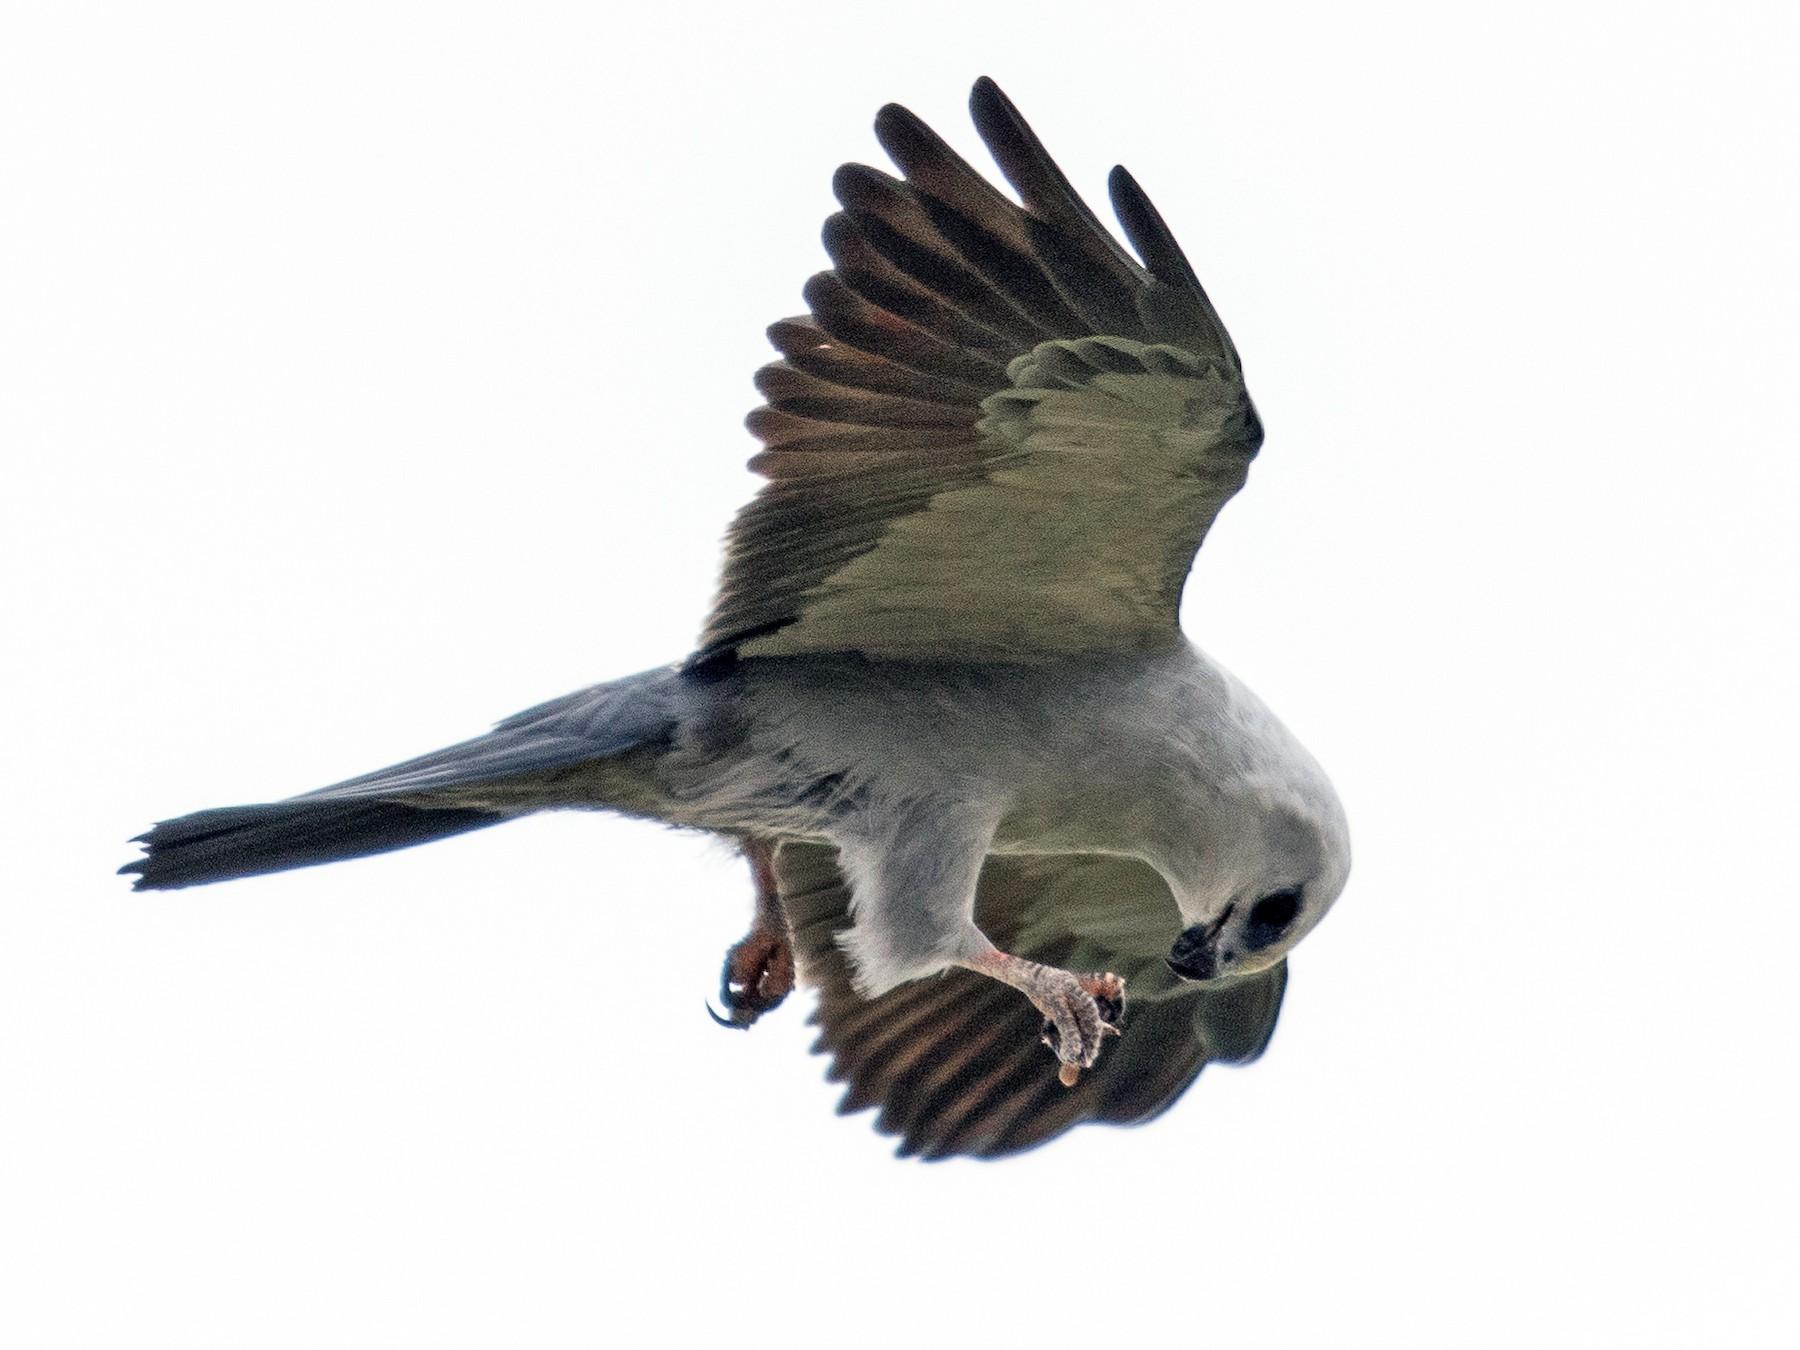 Mississippi Kite - Marlo Casabar